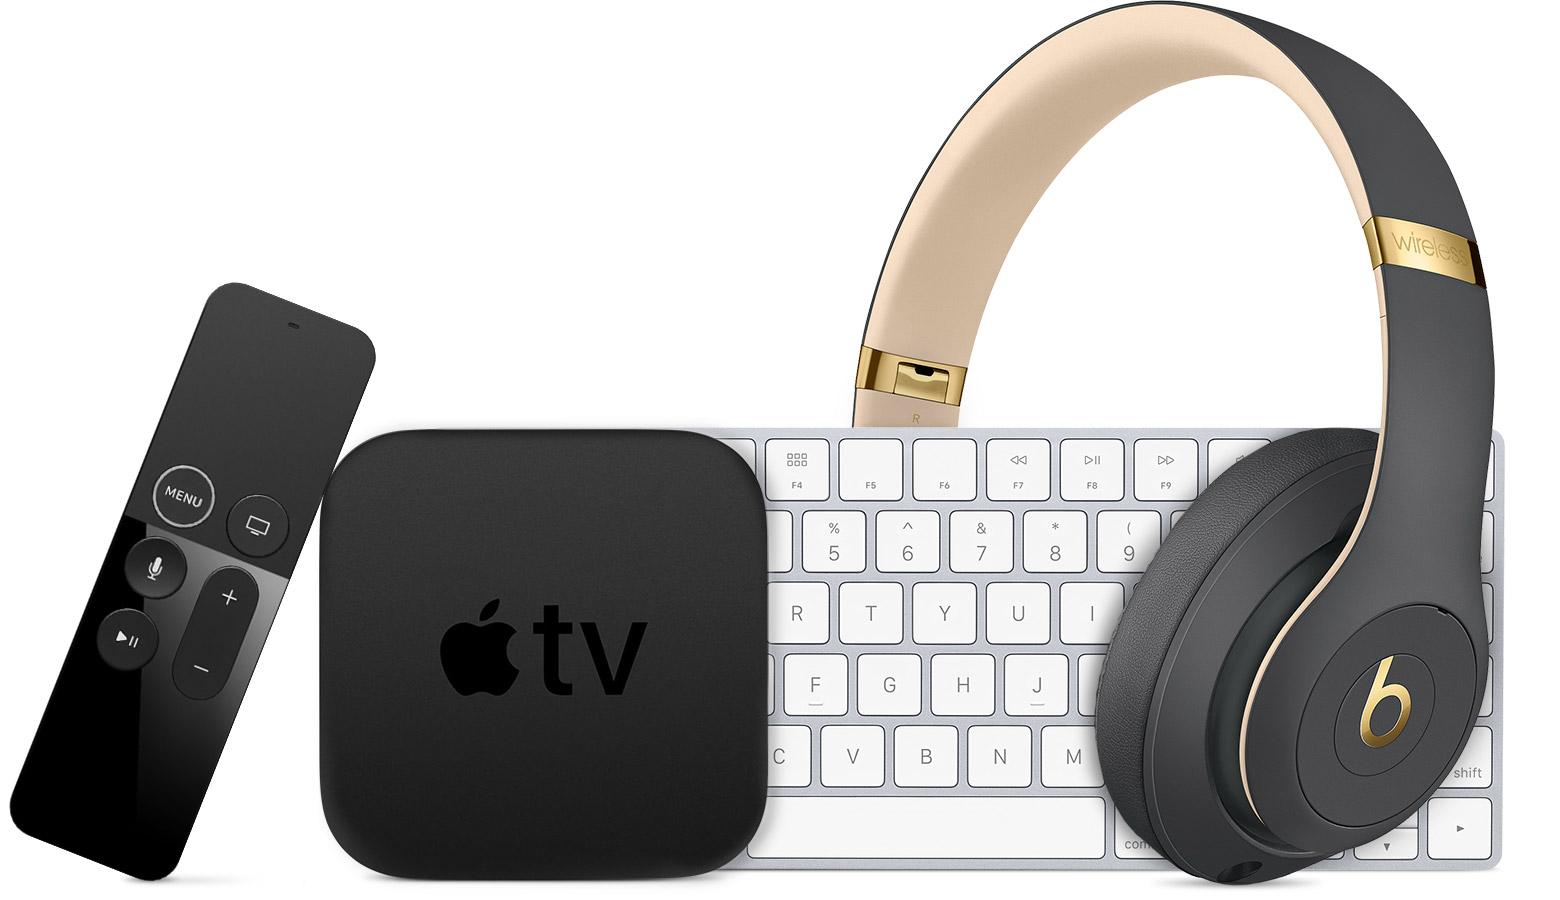 apple-tv-4k-pair-bluetooth-beats-keyboard-hero.jpg